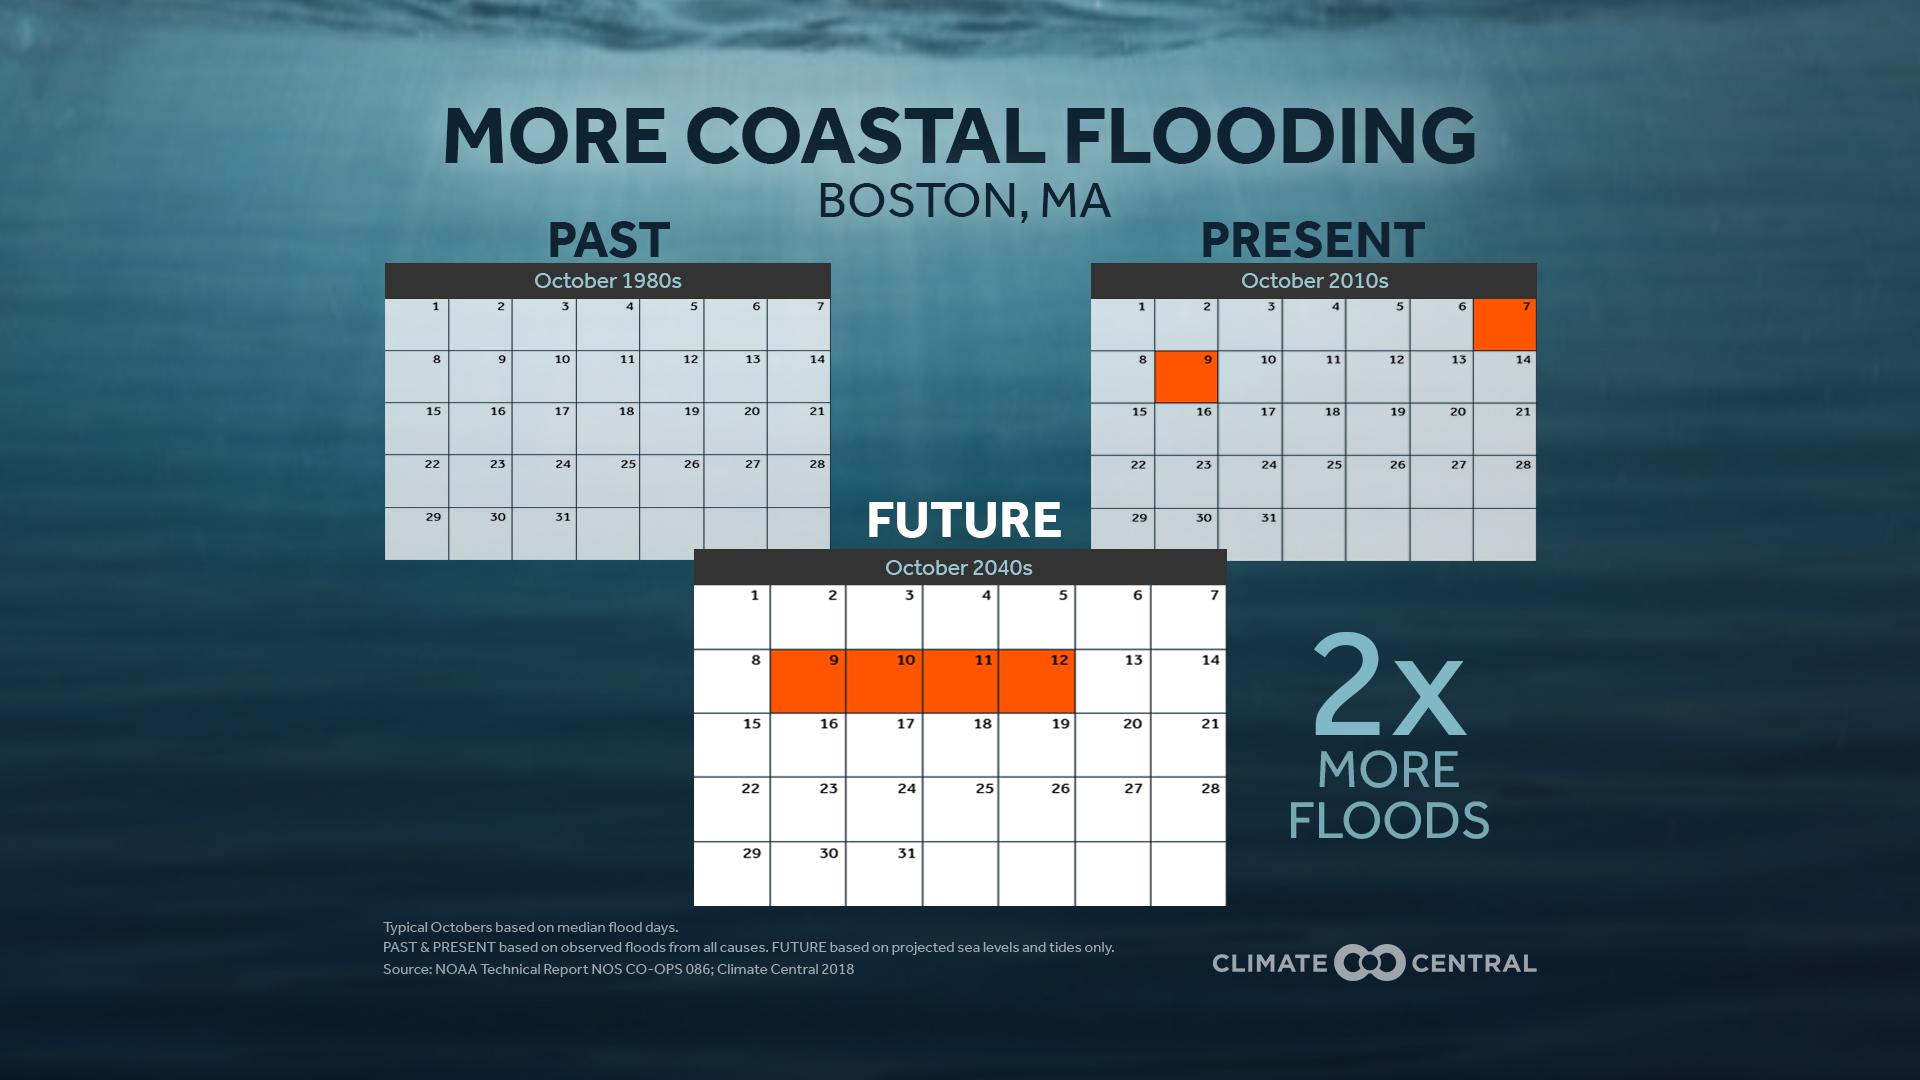 boston coastal flooding